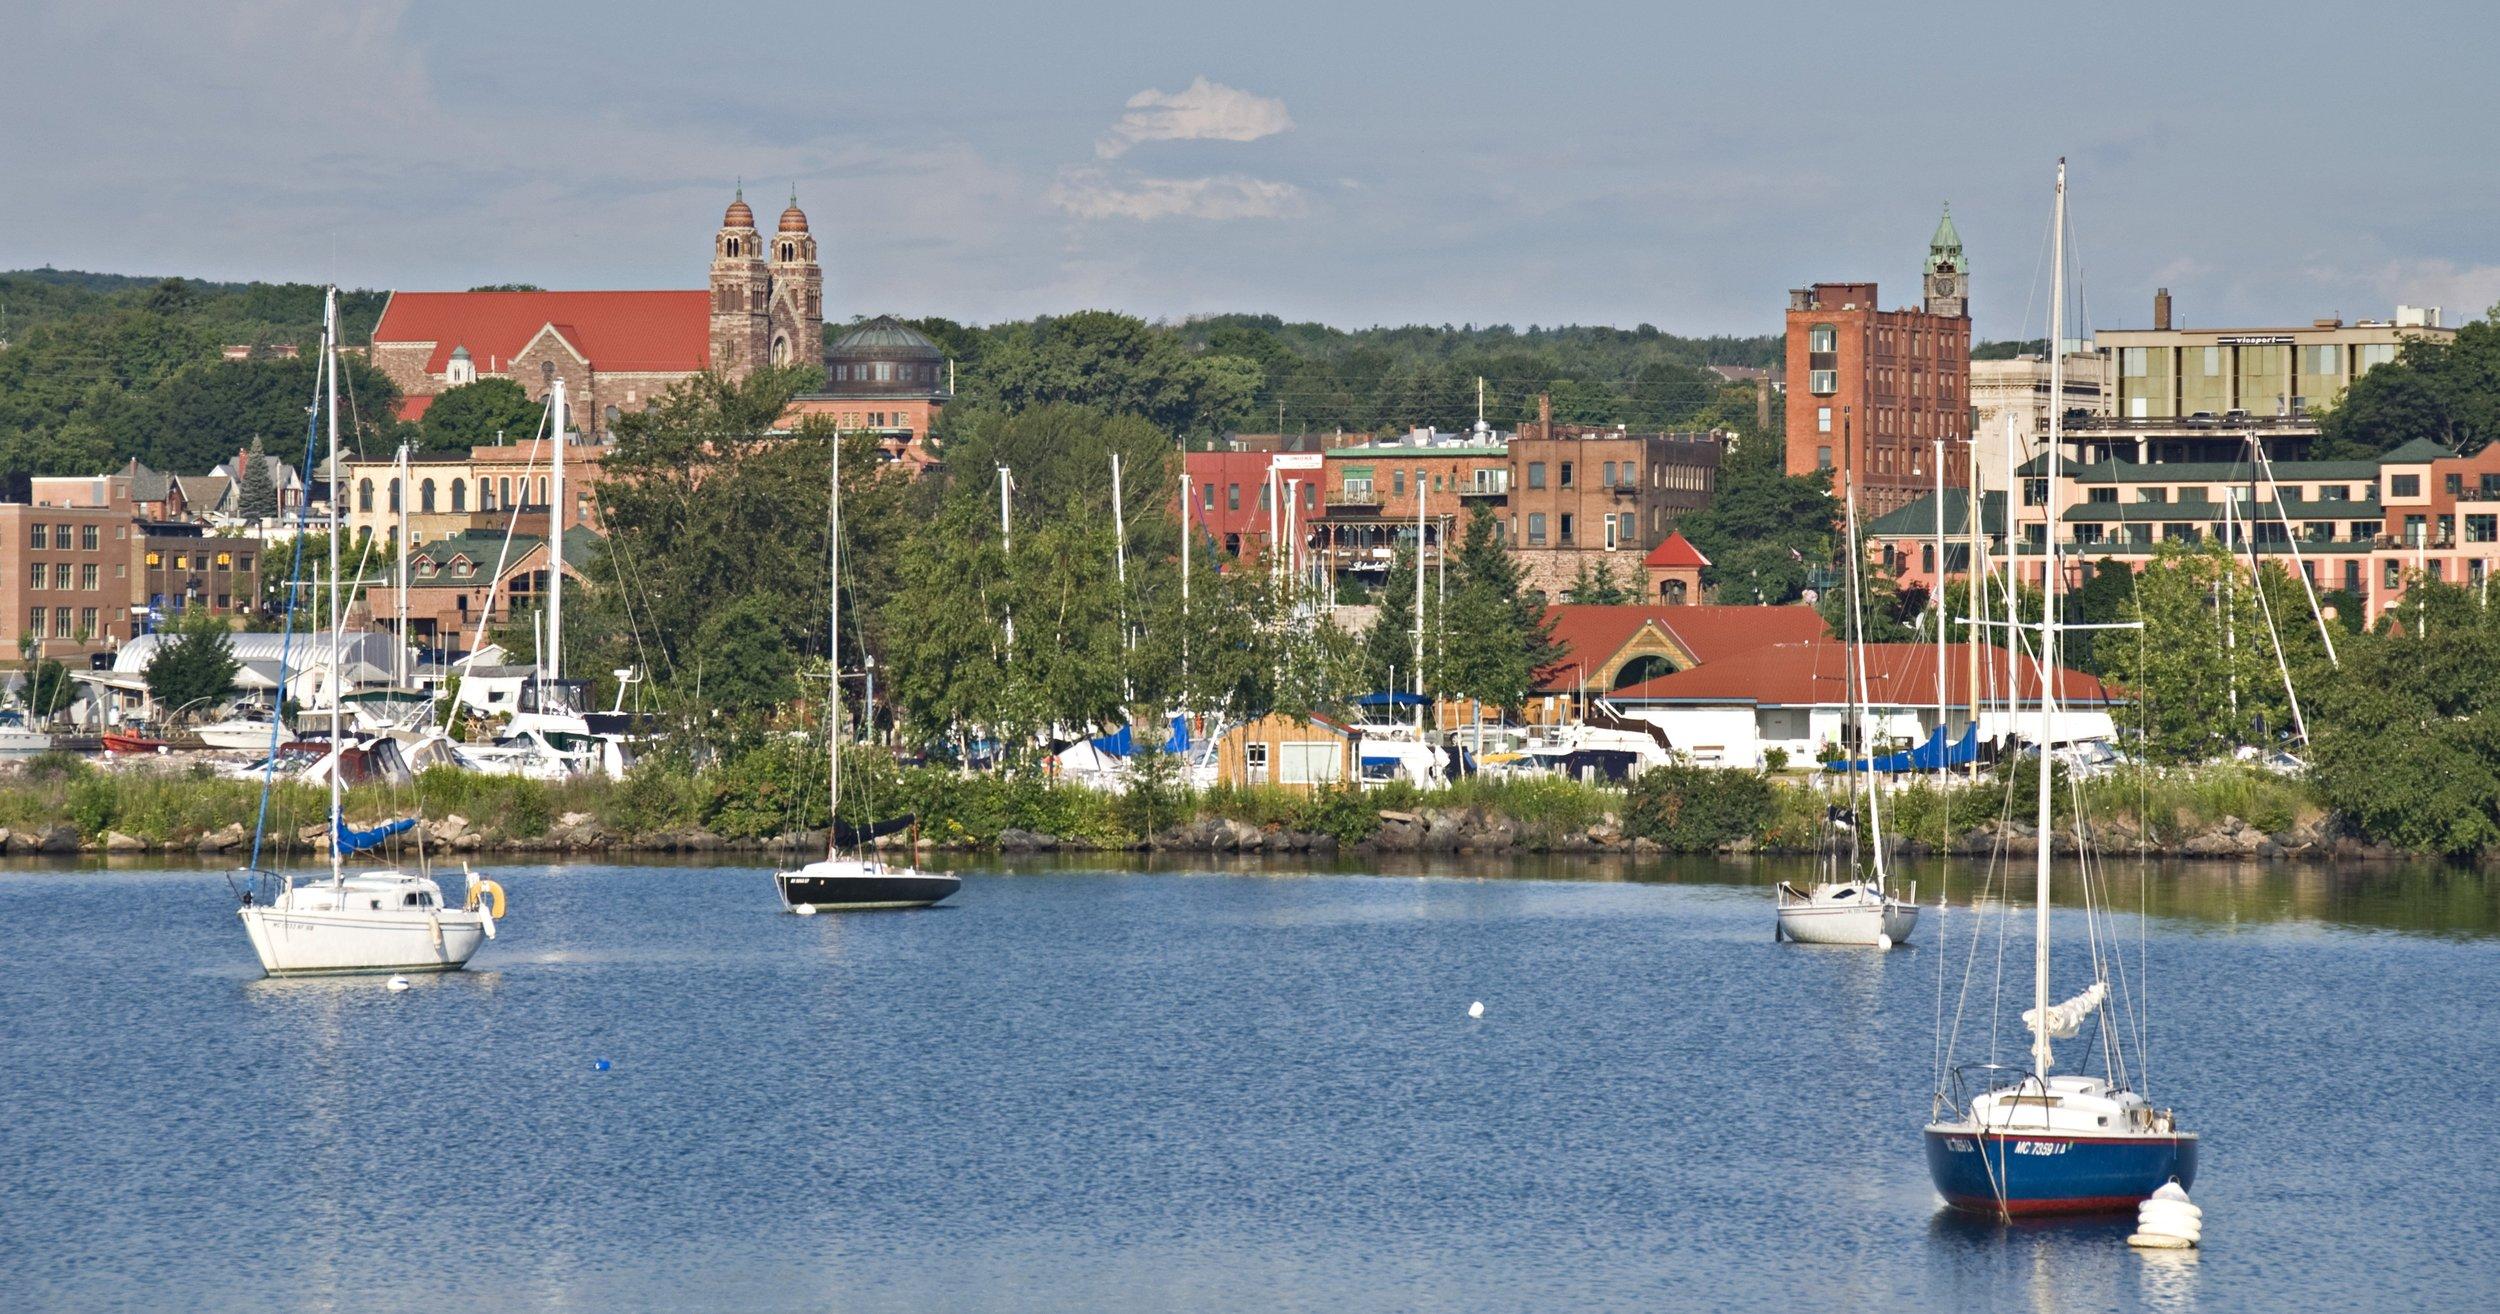 City of Marquette, MI